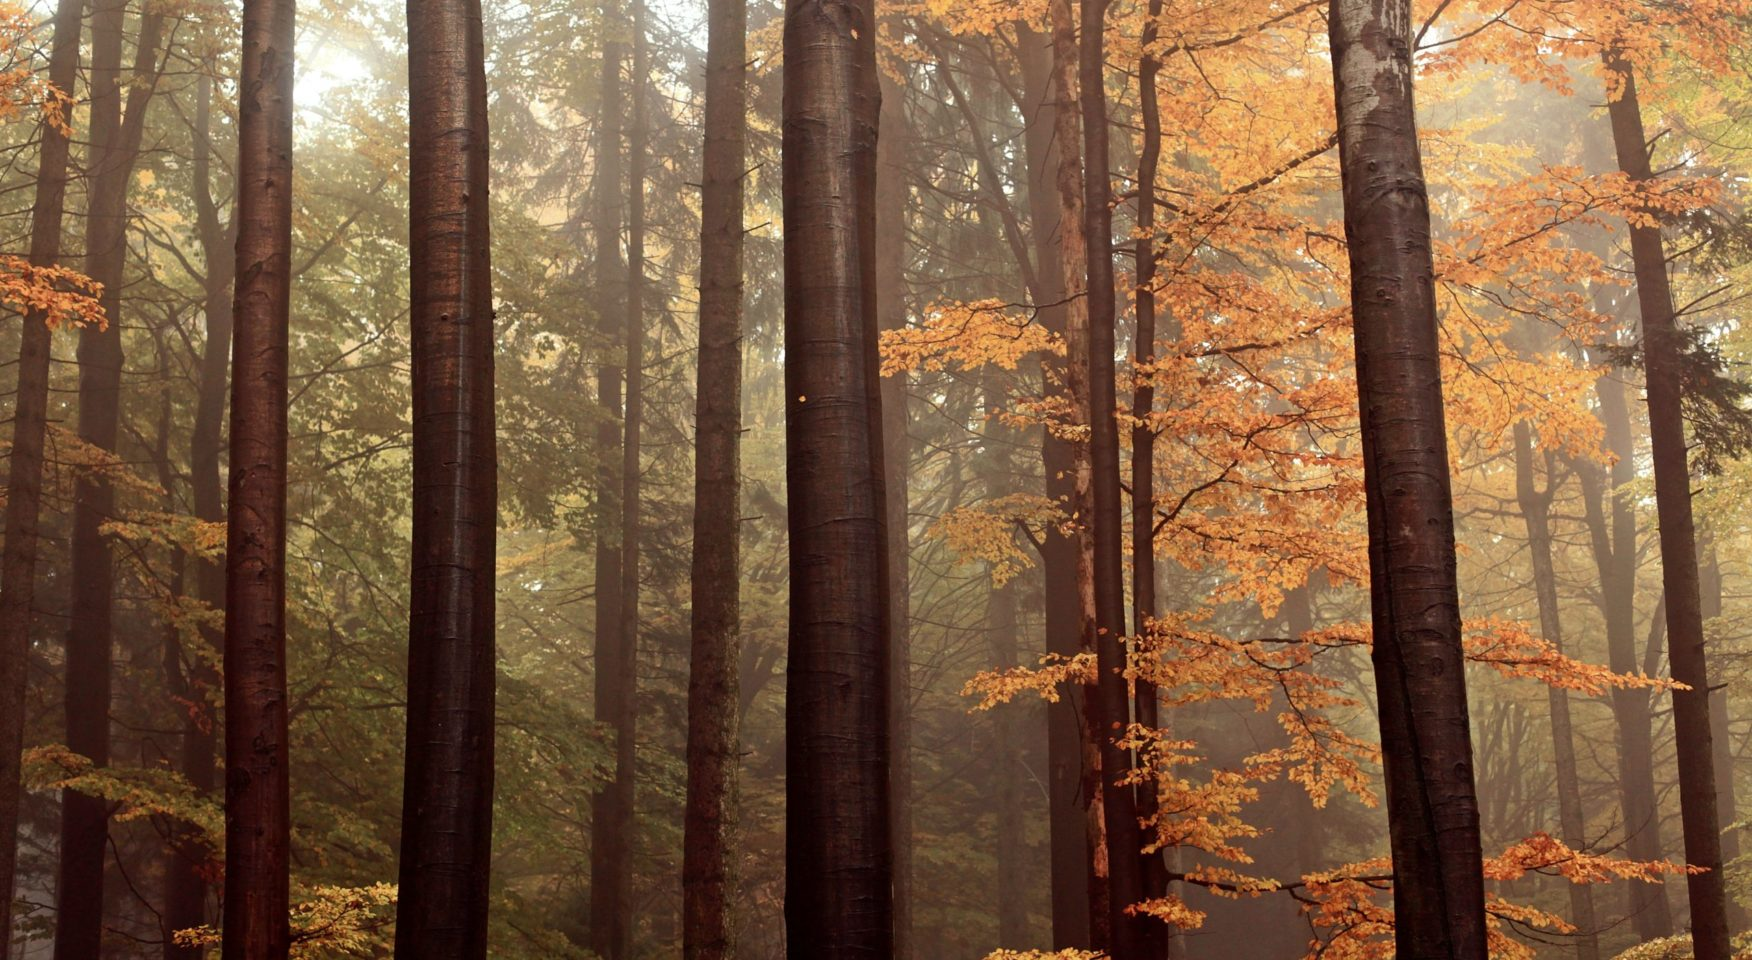 Orange leaves on tall trees